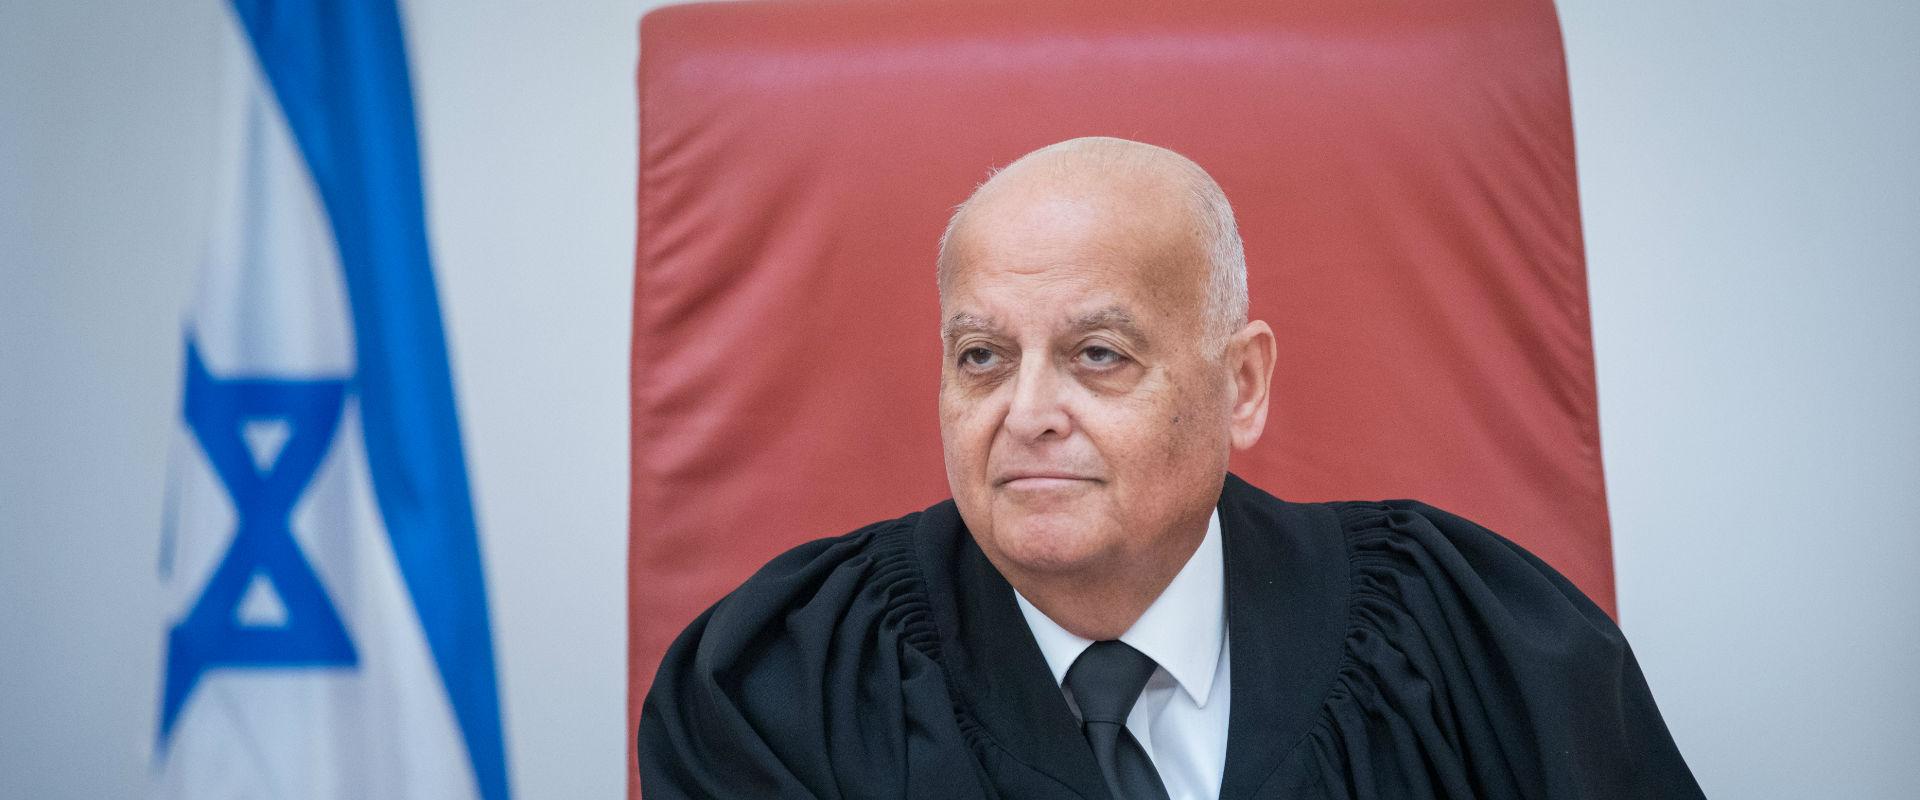 השופט סלים ג'ובראן